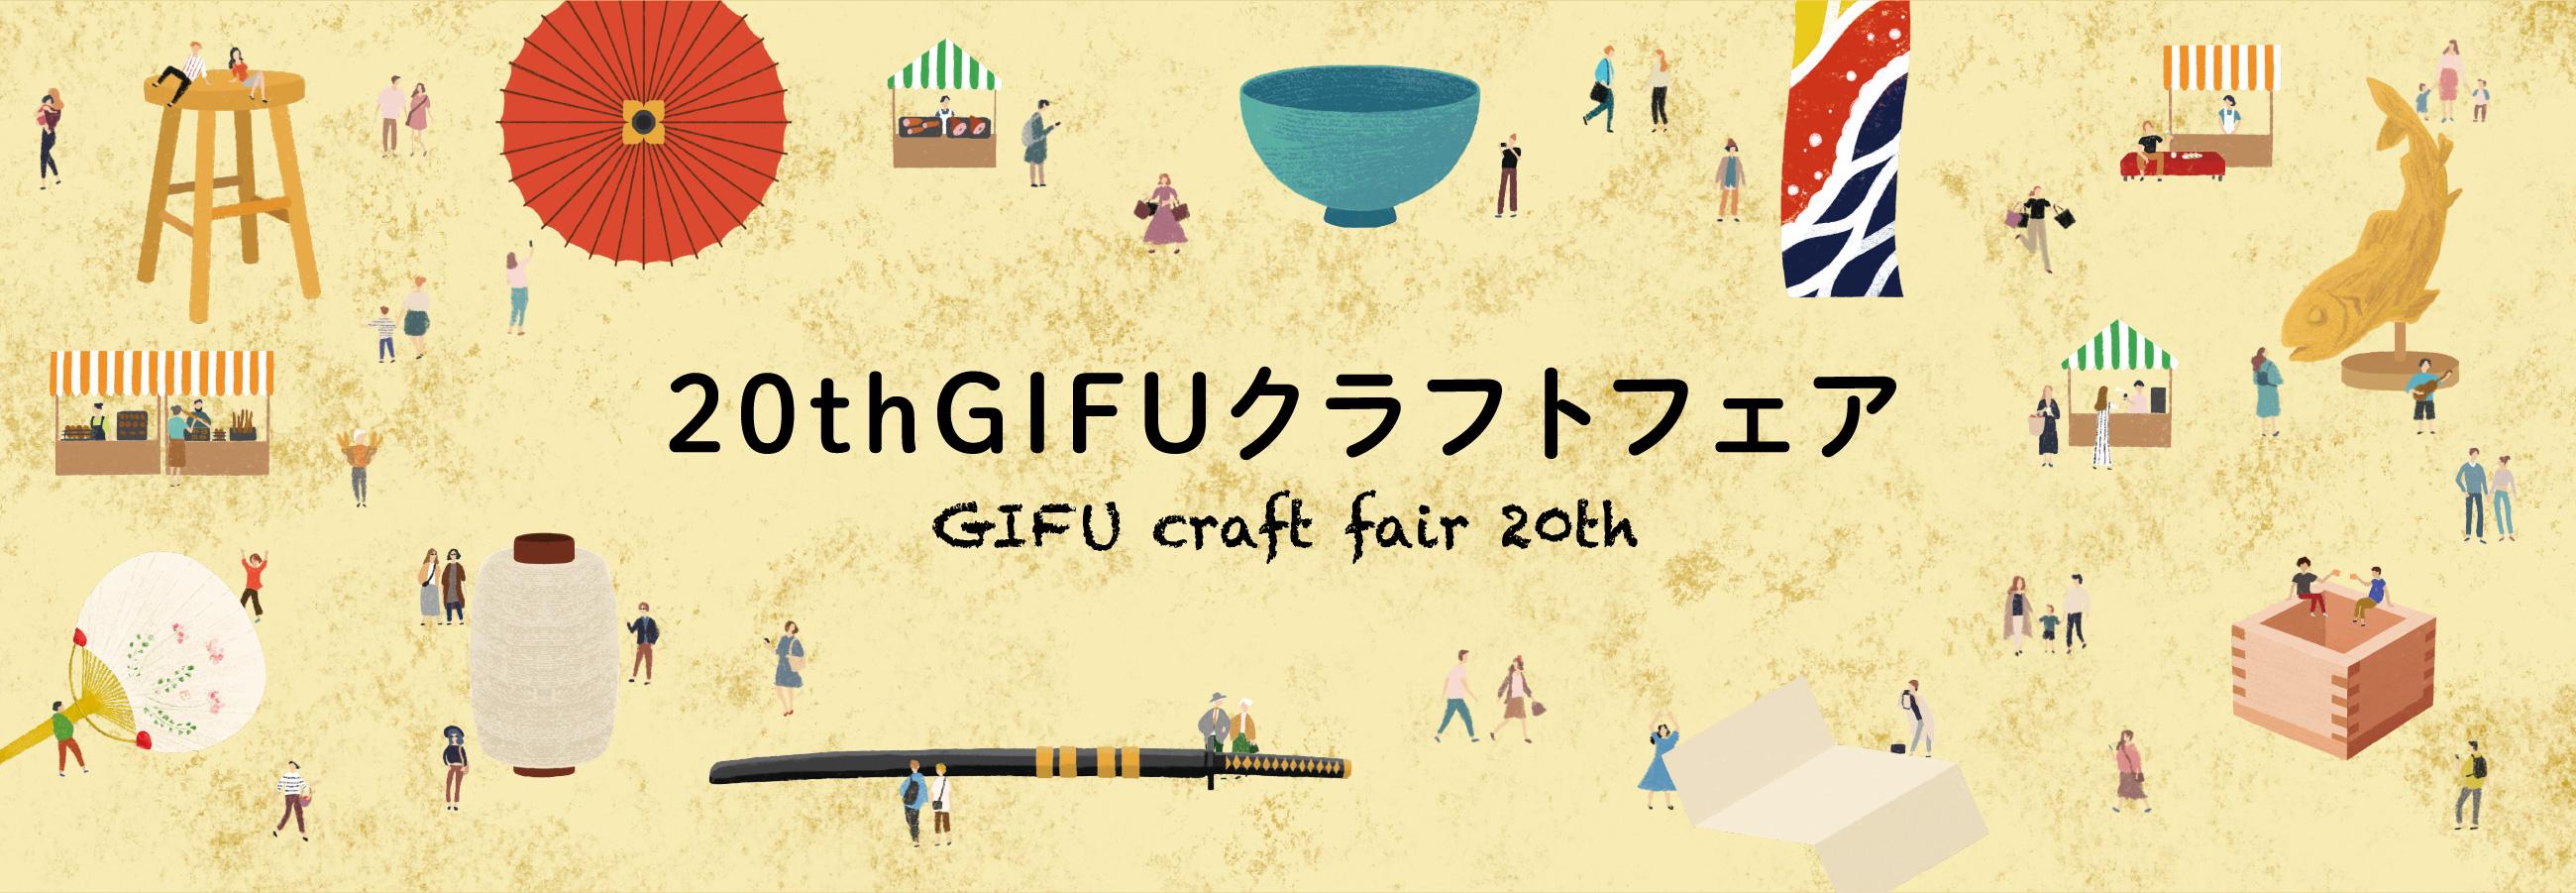 昨年のGIFUクラフトフェア